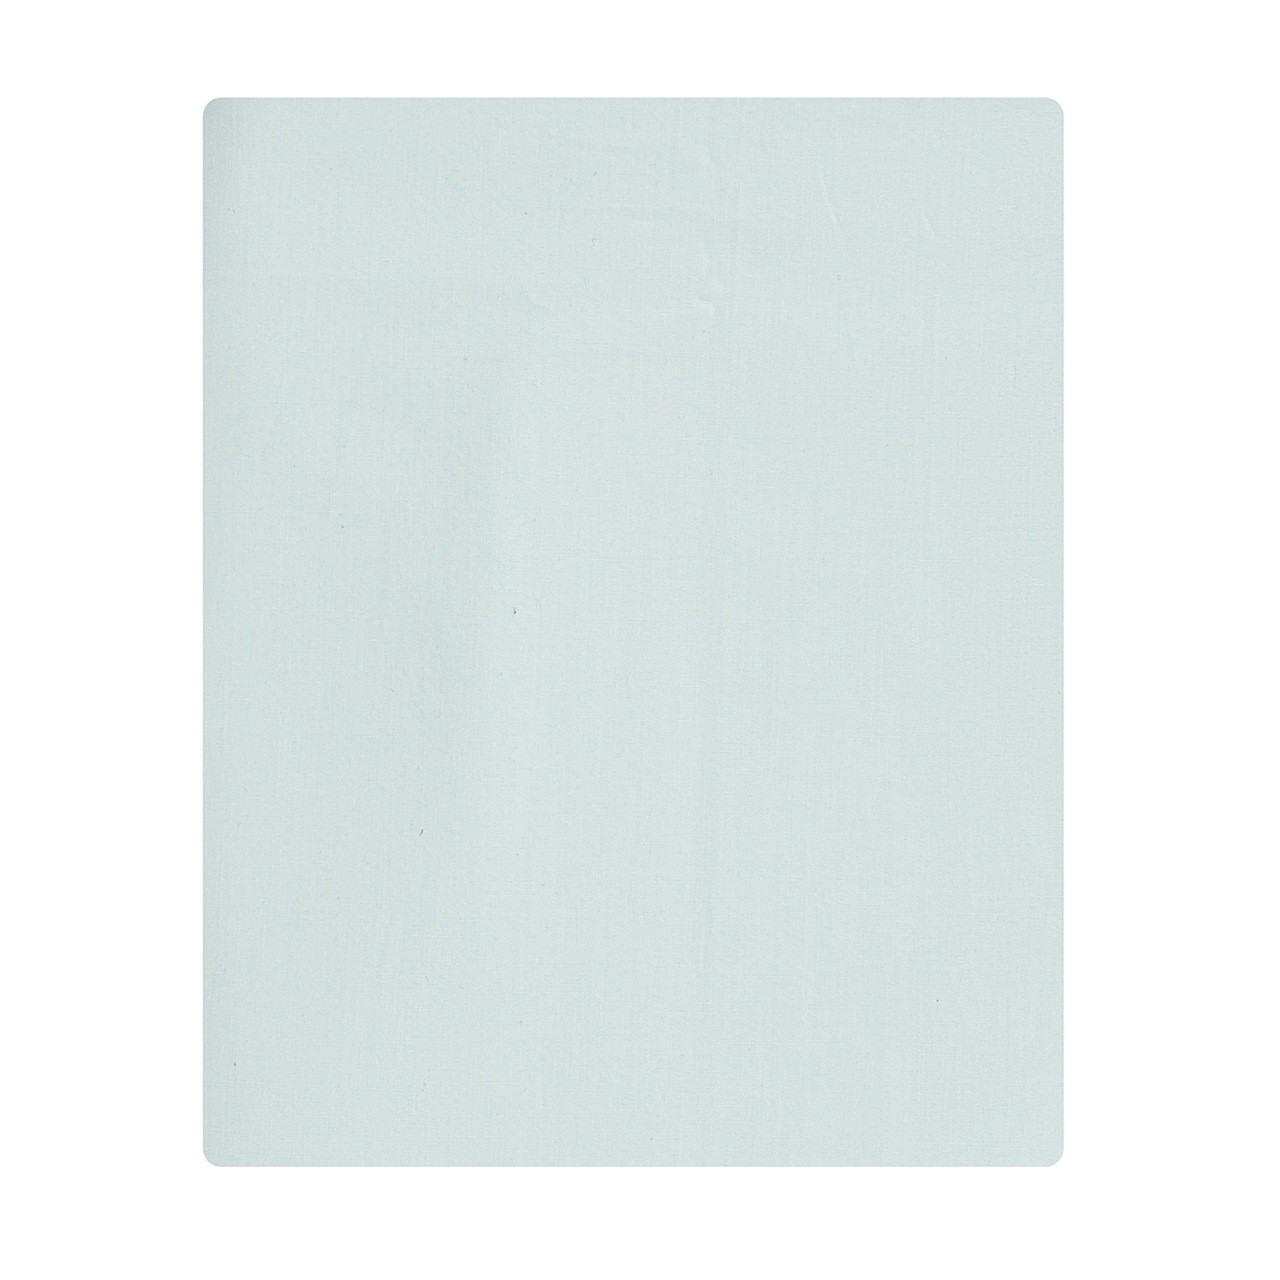 Lençol de cobrir mini cama 100% algodão, 120 x 180cm cor verde água  - Pomelo Decor